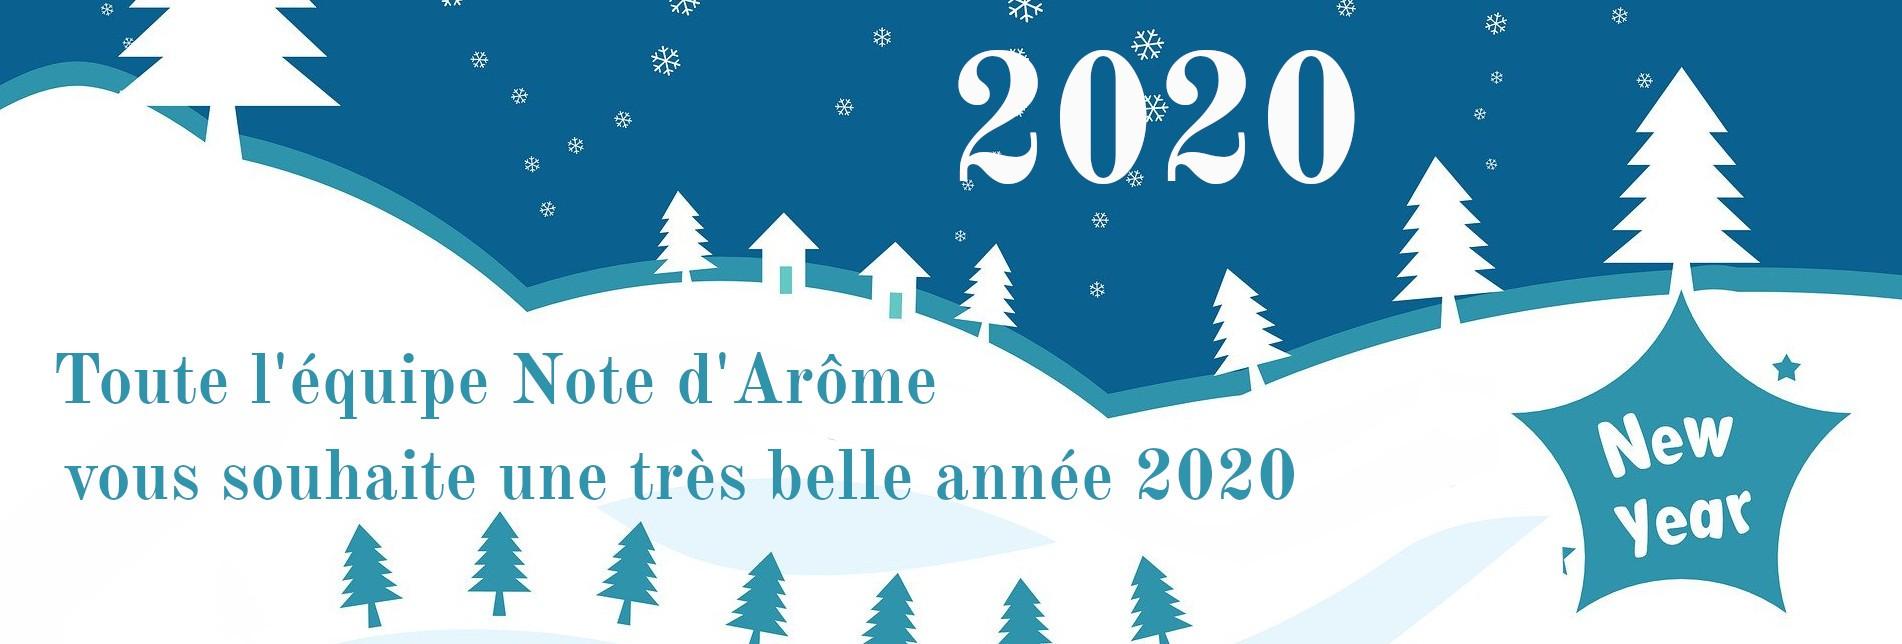 Voeux pour la nouvelle année 2020